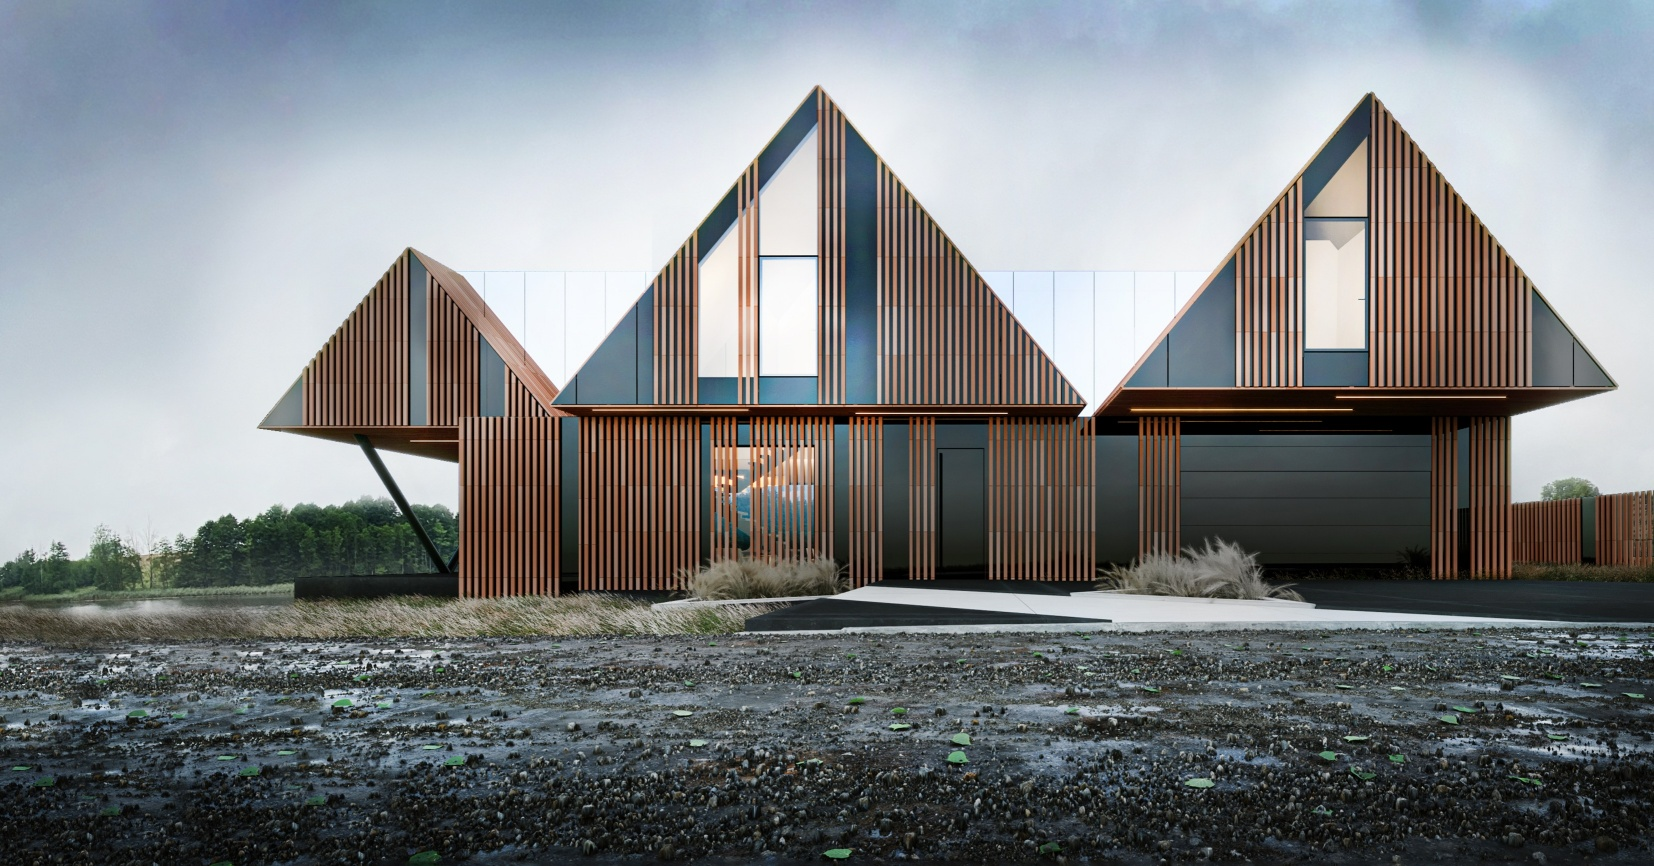 Domek Brda w nowoczesnym stylu. Zaprojektował go Marcin Tomaszewski